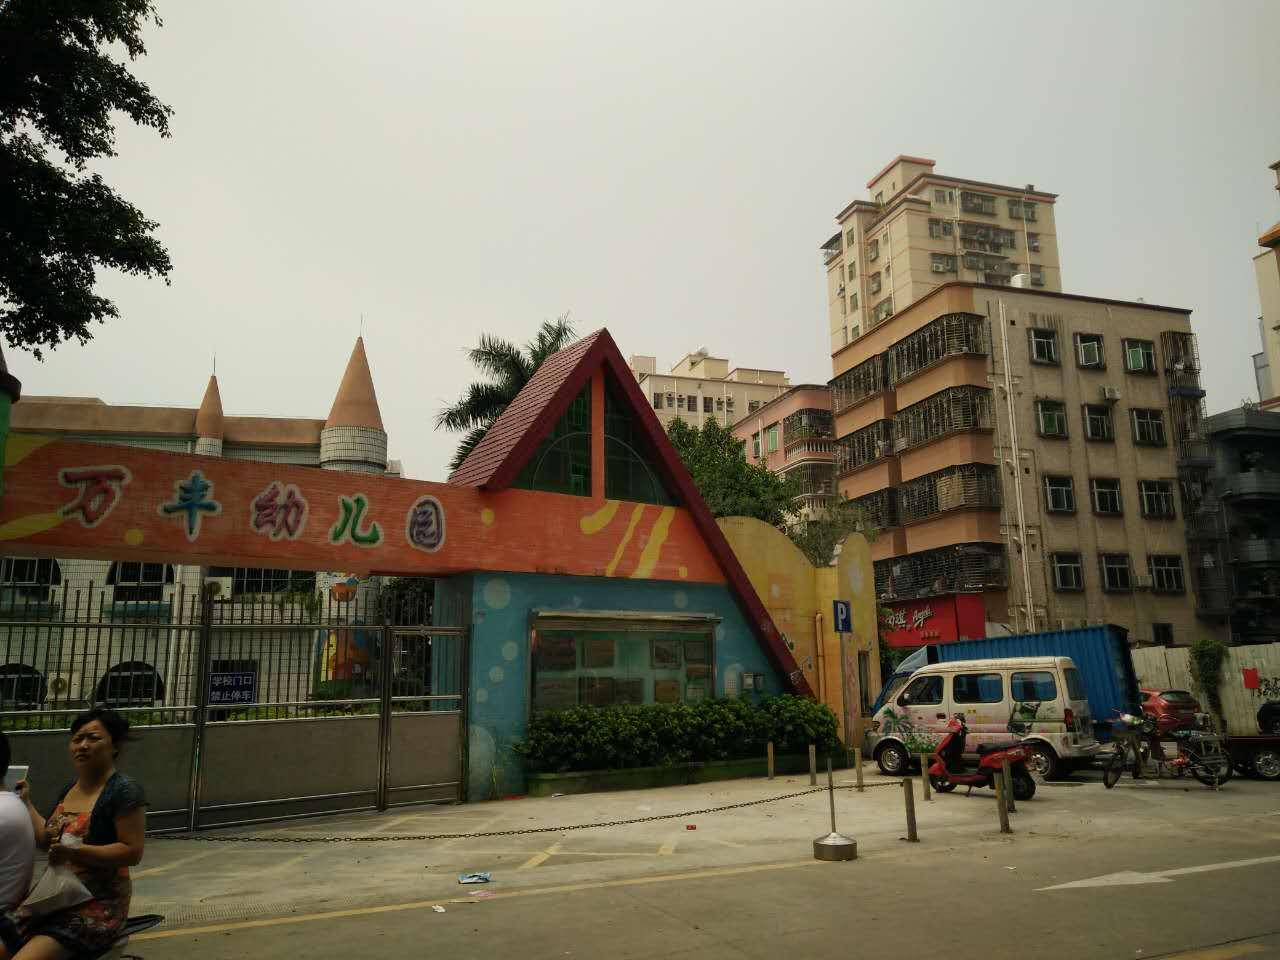 深圳小产权房52万三房85平方米,沙井万丰村农民房带装修出售 搜房 现房 团购 三房二厅 第13张